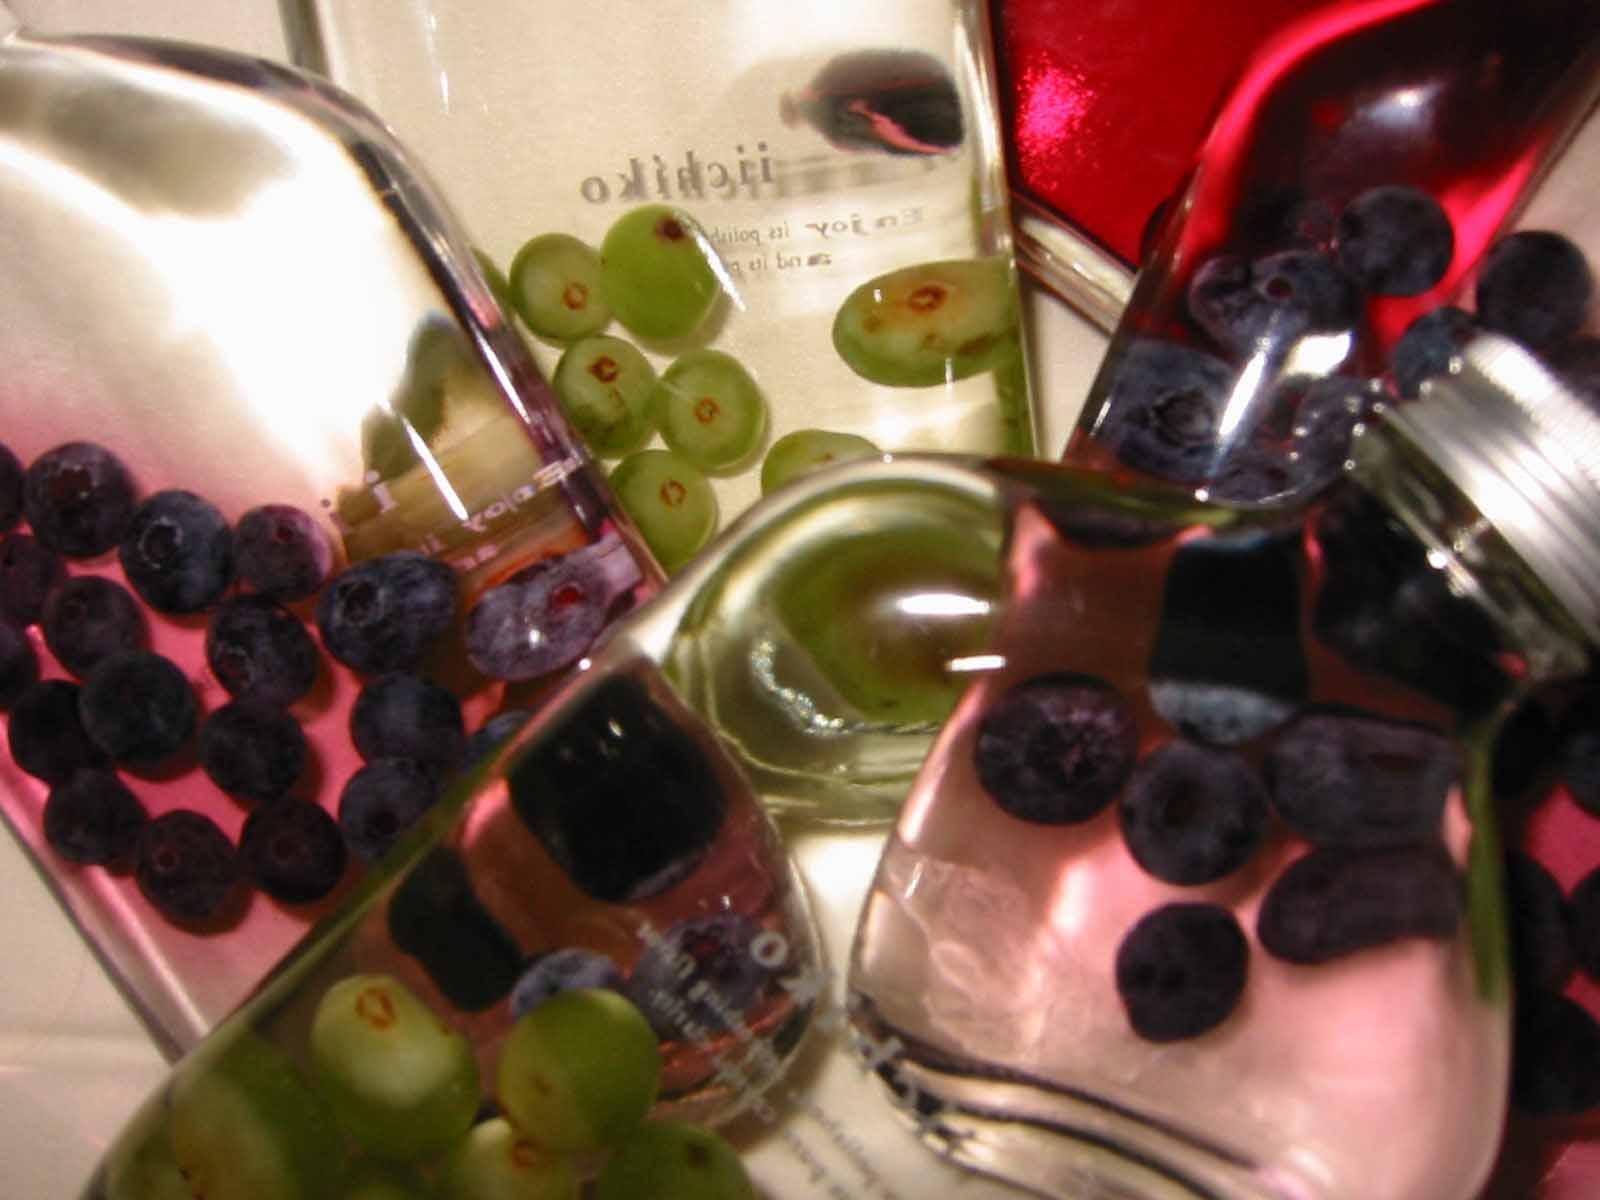 ブルーベリー瓶01